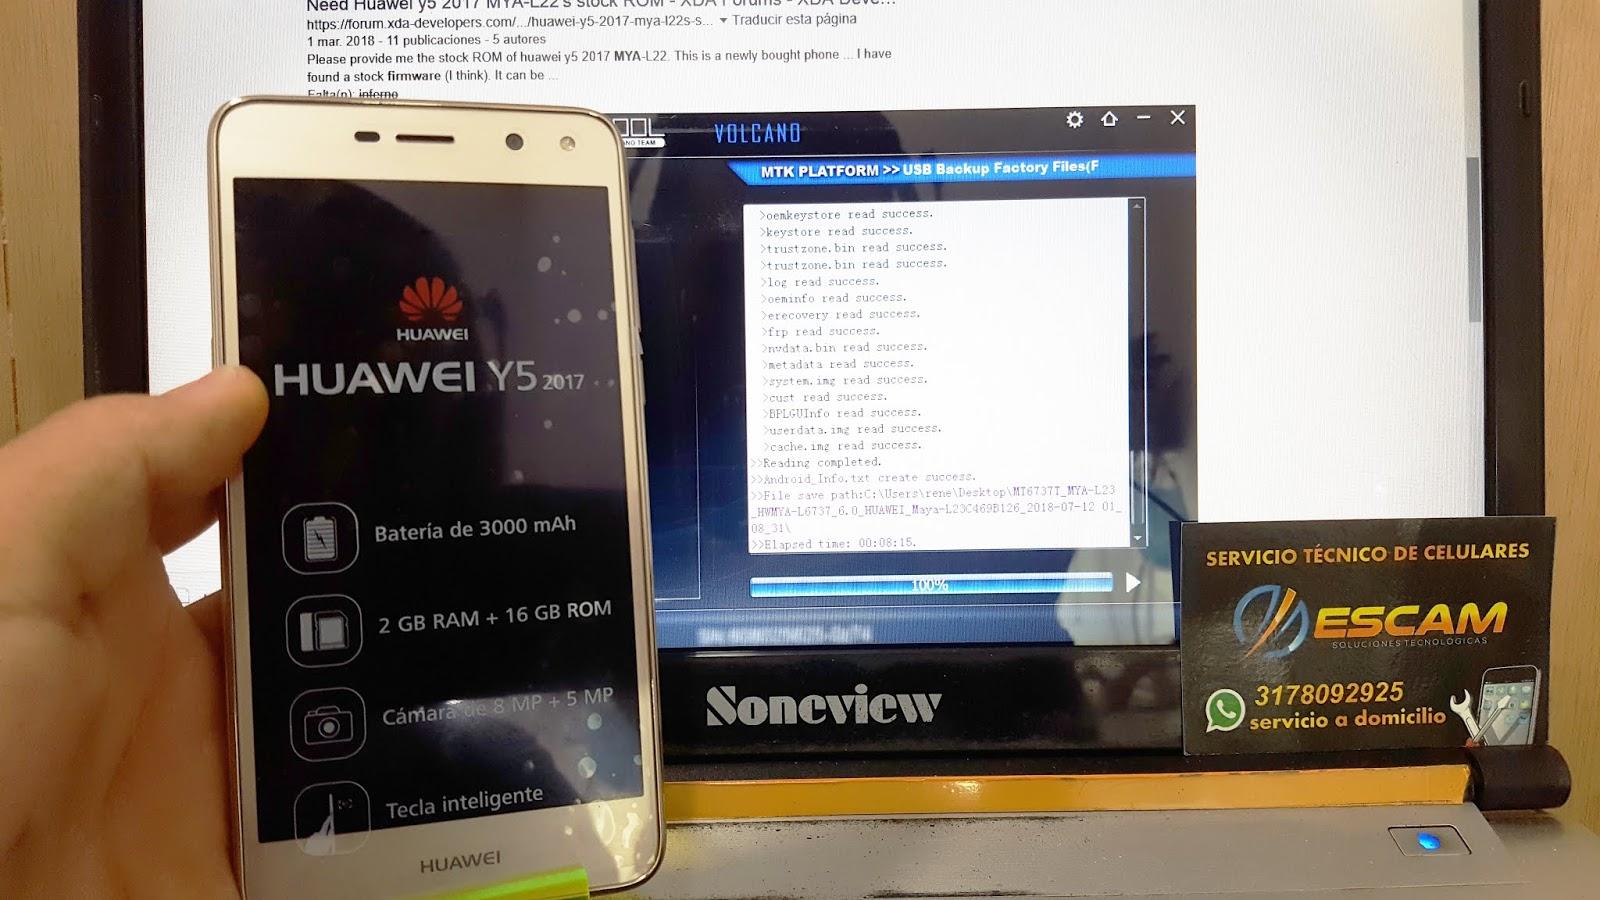 HUAWEI MYA-L23 Revivir y/o Actualizar (UPDATE APP / INFERNO